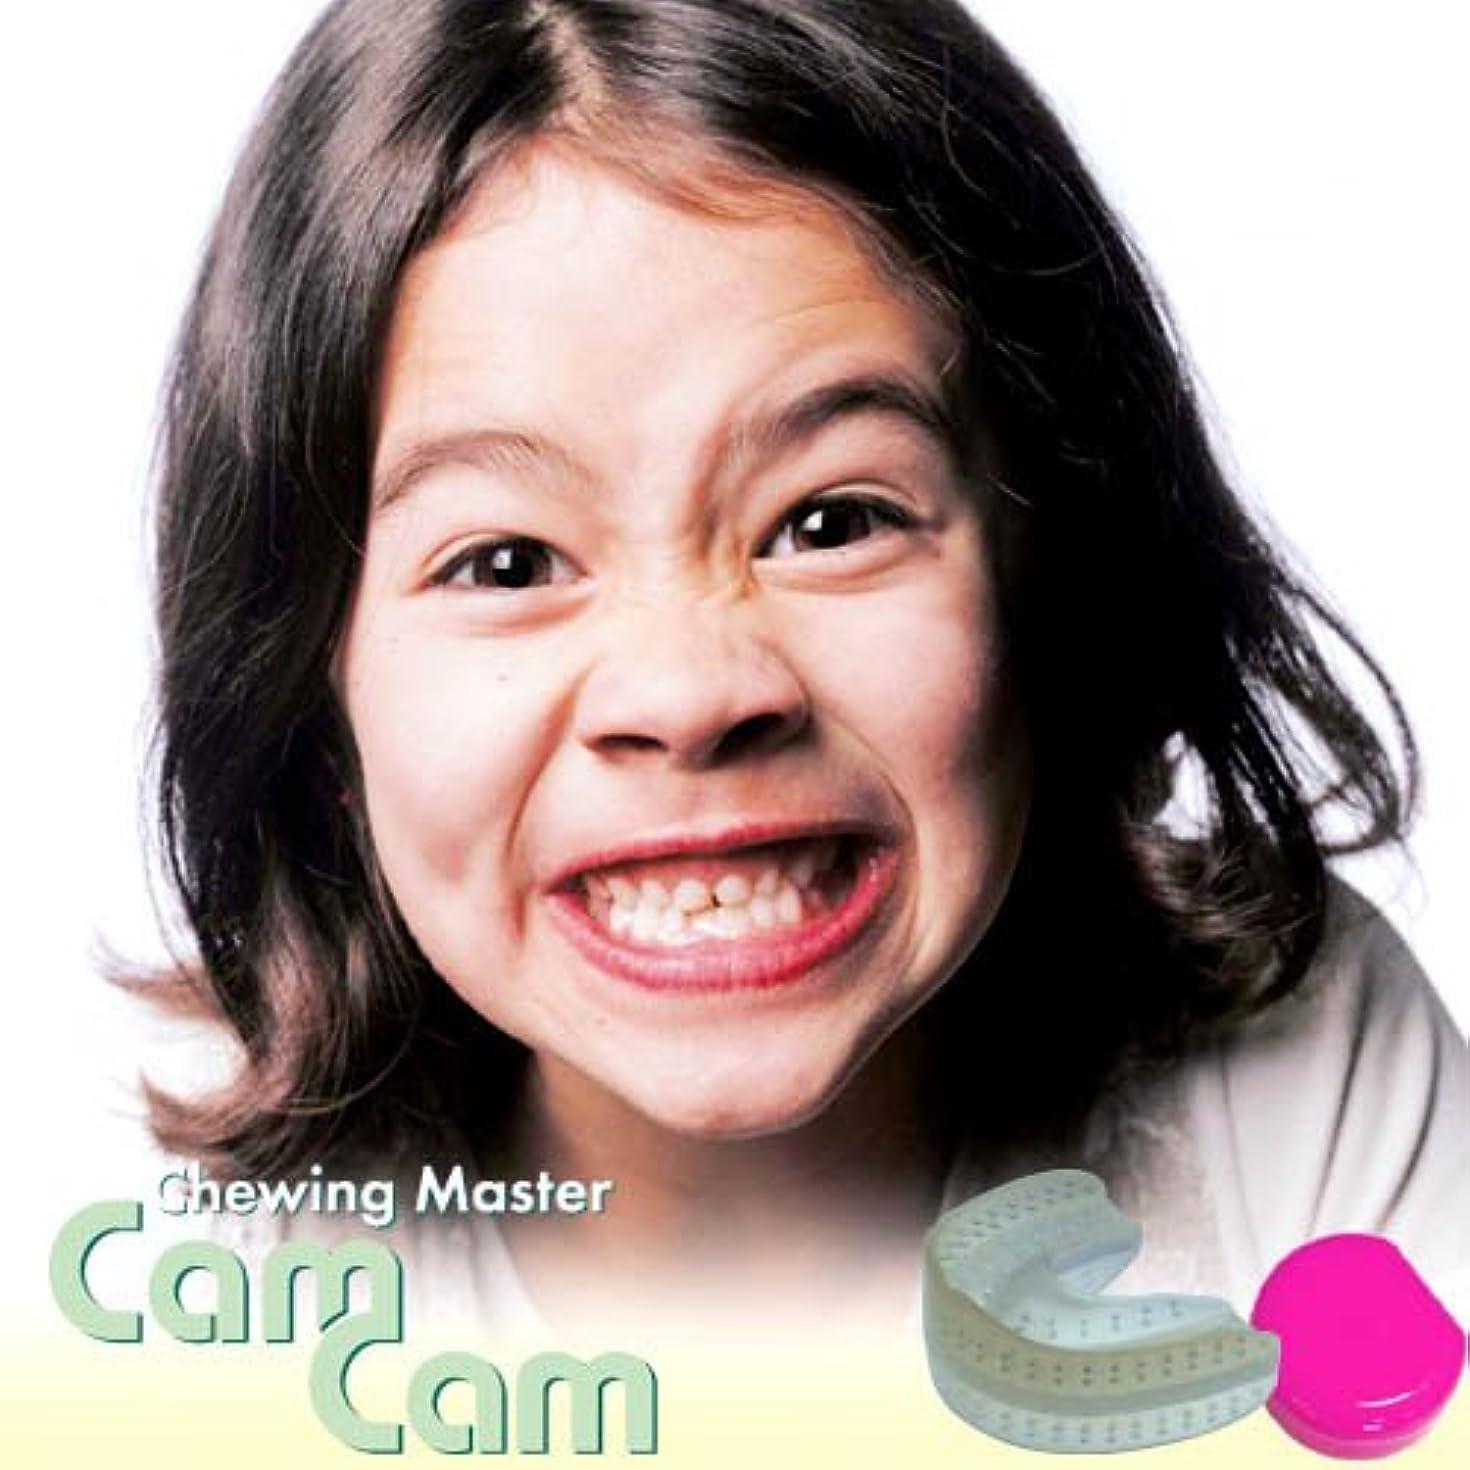 マントル買い物に行く食物歯科医師開発 口腔筋機能トレーニング マウスピース 【CamCam MD (ピンク)】混合歯列期から永久歯列期用